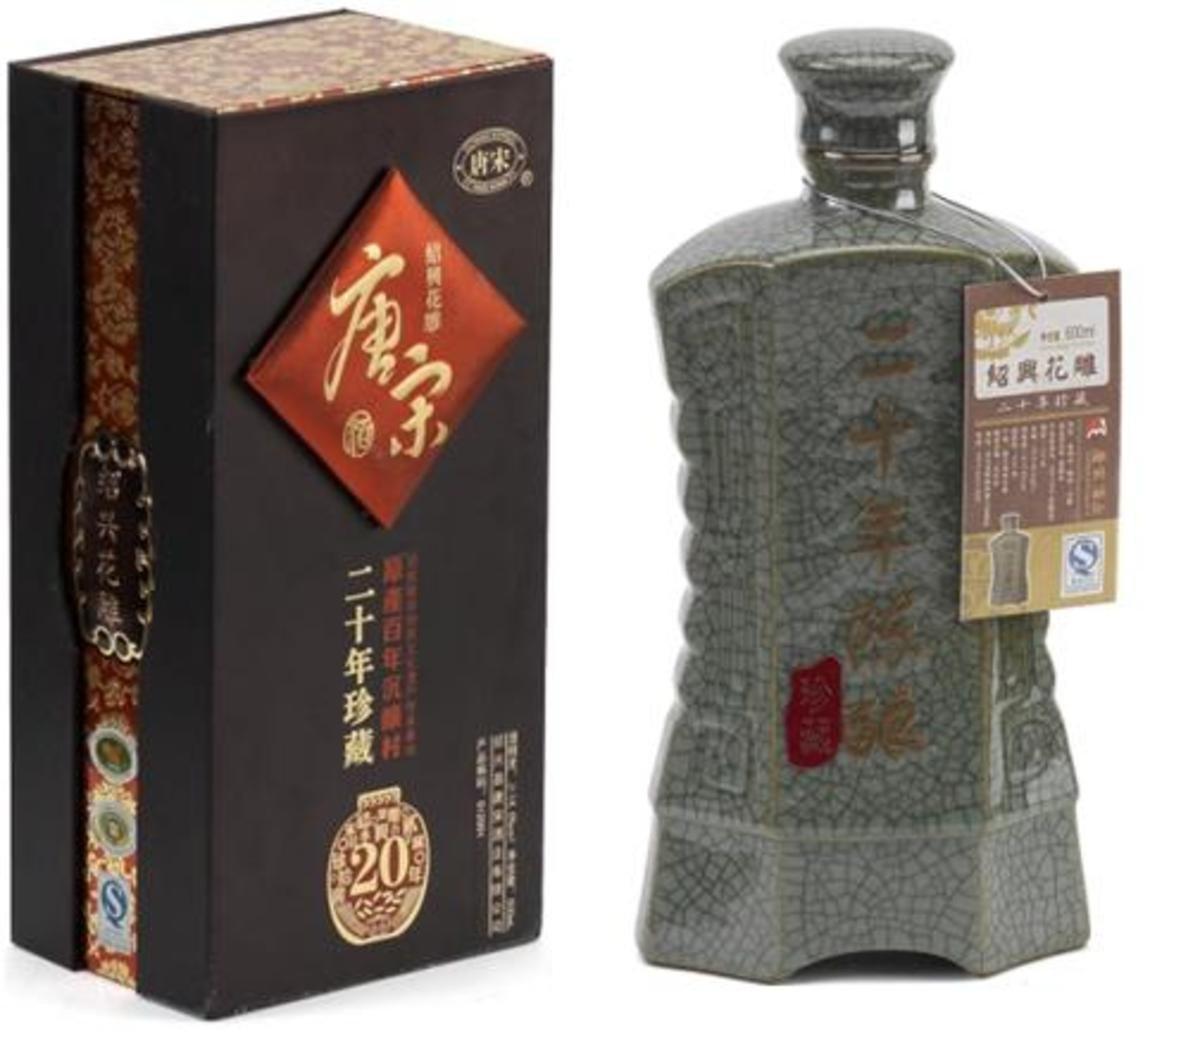 紹興花雕酒 二十年珍藏 20年 (獨家發售) 600毫升  14% 酒精度 半干型